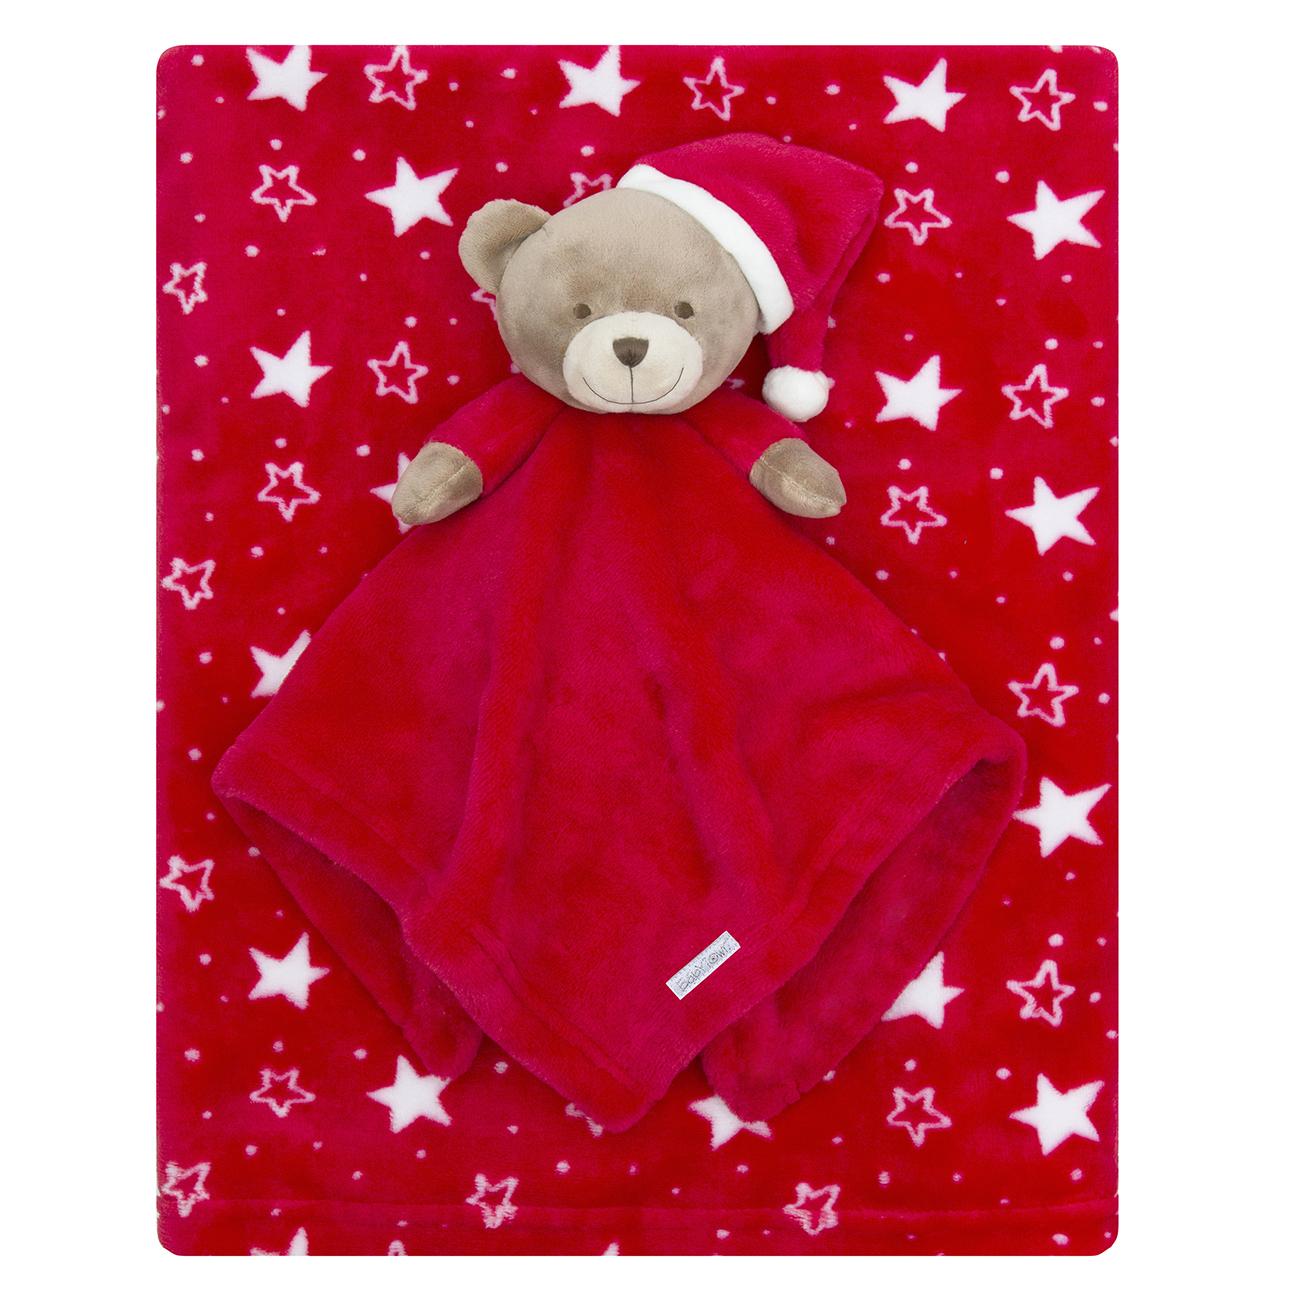 Christmas Fleece.Details About Unisex Baby Girls Boys Christmas Plush Fleece Blanket Comforter Xmas Teddy